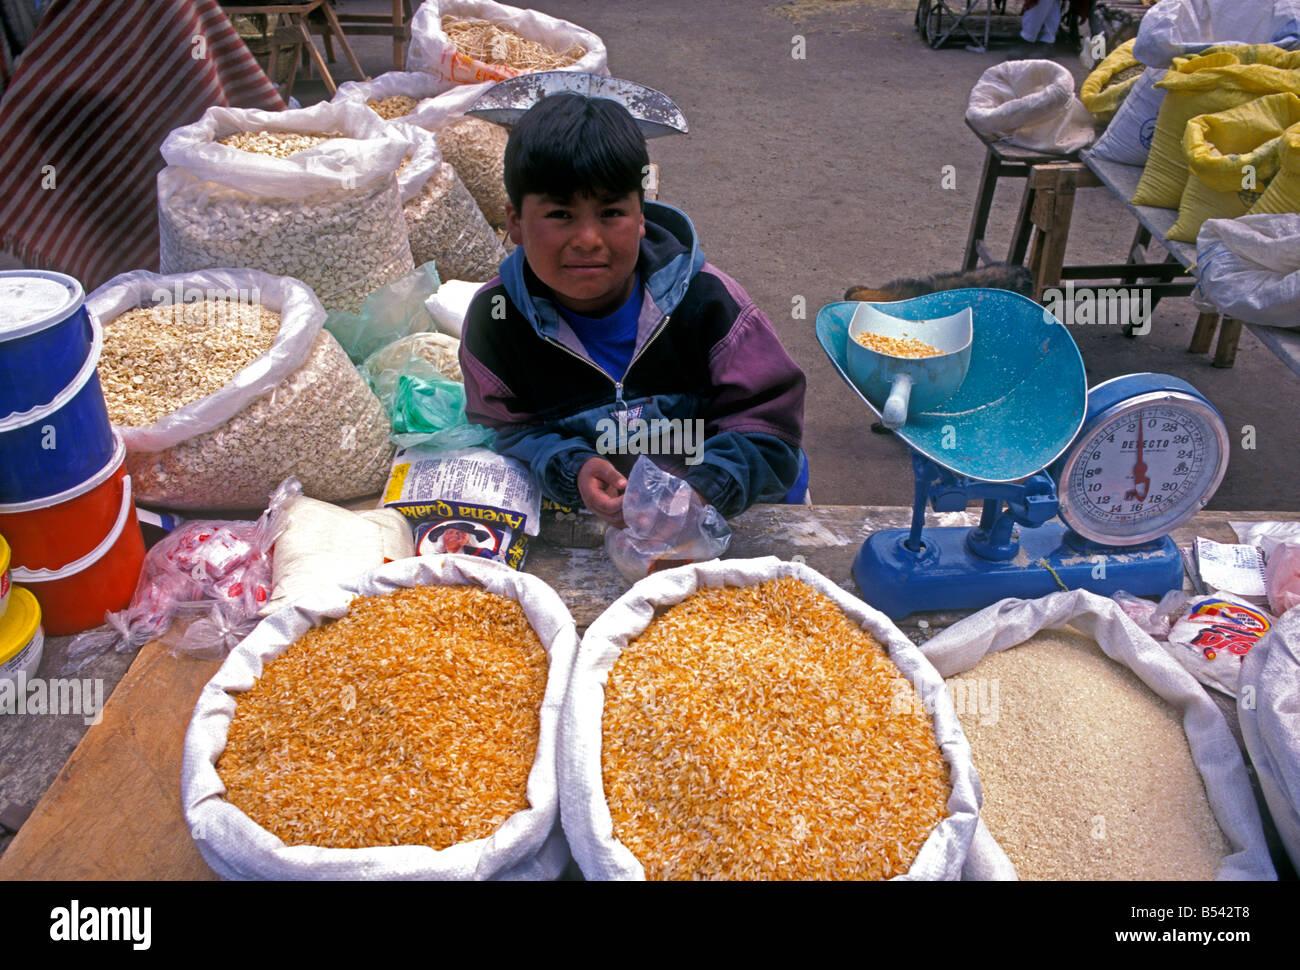 Ecuadorans, ecuadorianischen, Junge, Junge, Kind, Anbieter, Vorderansicht, indischen Markt, Markt, Marktplatz, zumbahua, Stockfoto